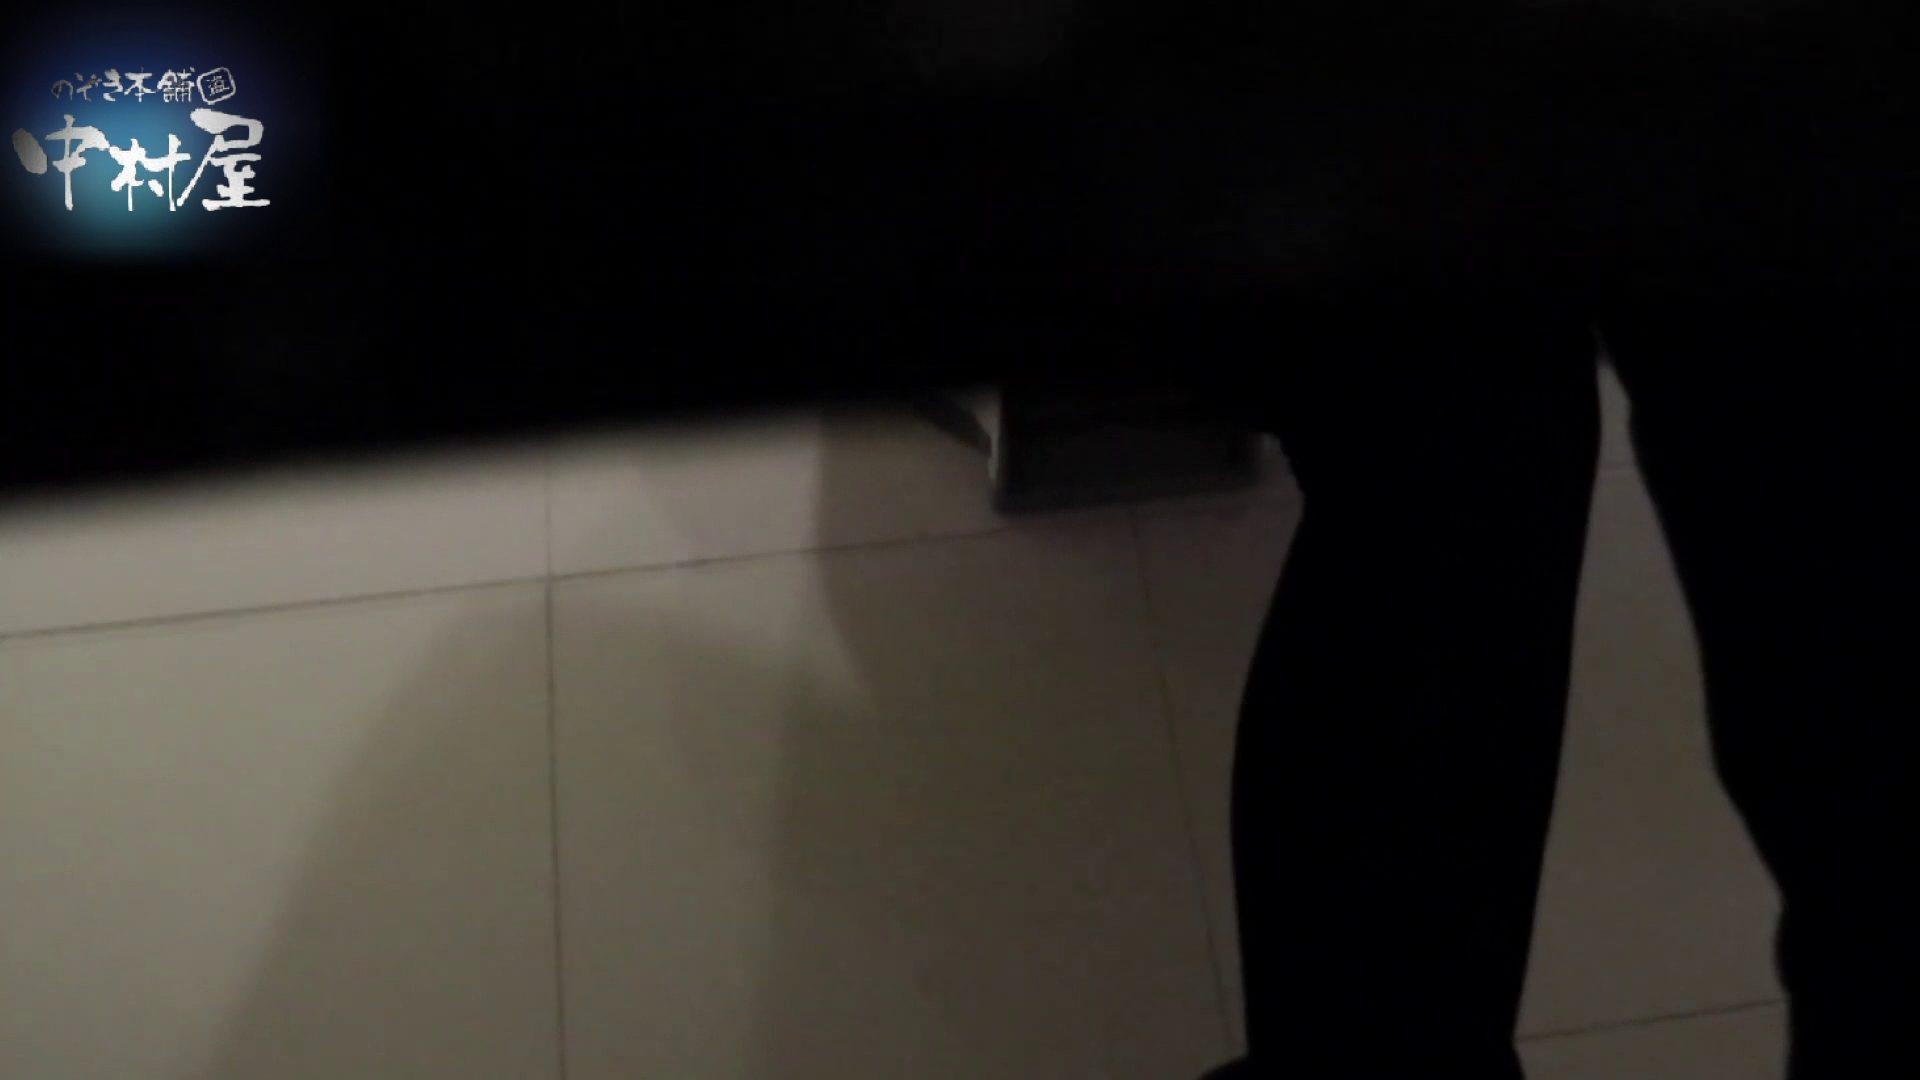 乙女集まる!ショッピングモール潜入撮vol.05 丸見え  77pic 48